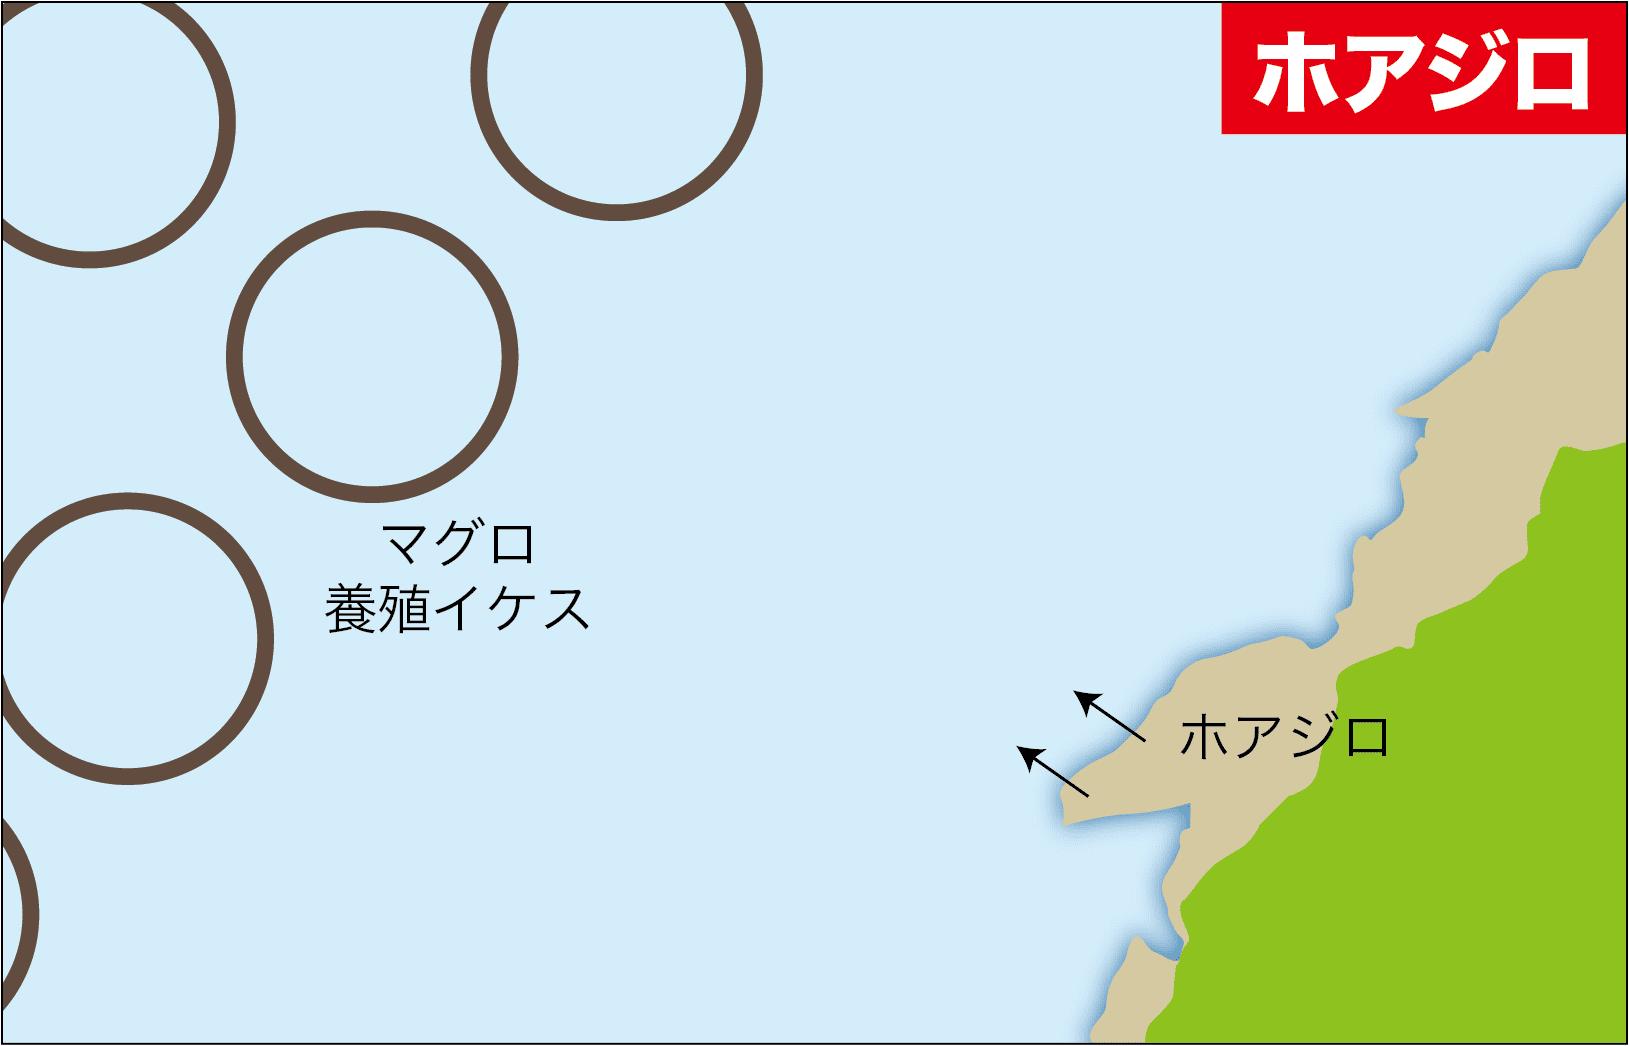 キャスターズ串本カワハギ15-20